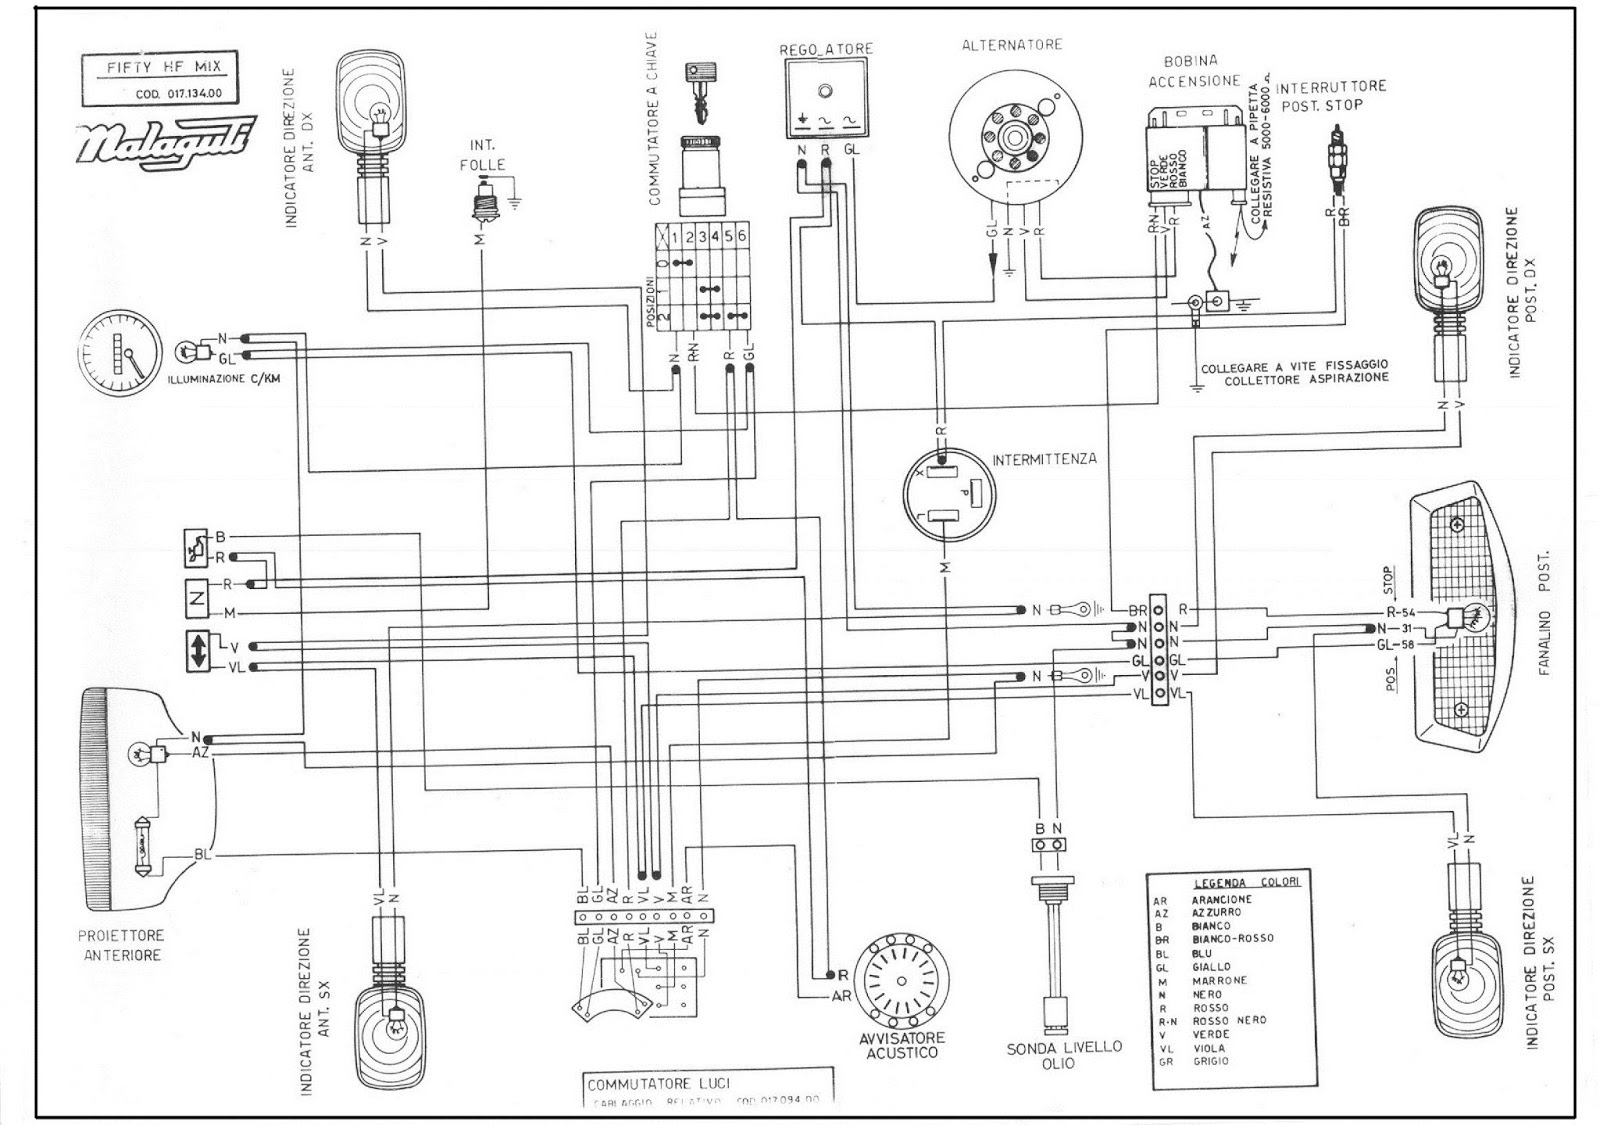 Schema Impianto Elettrico Trattore Fiat : Schema elettrico frecce fiat panda la telecomandata